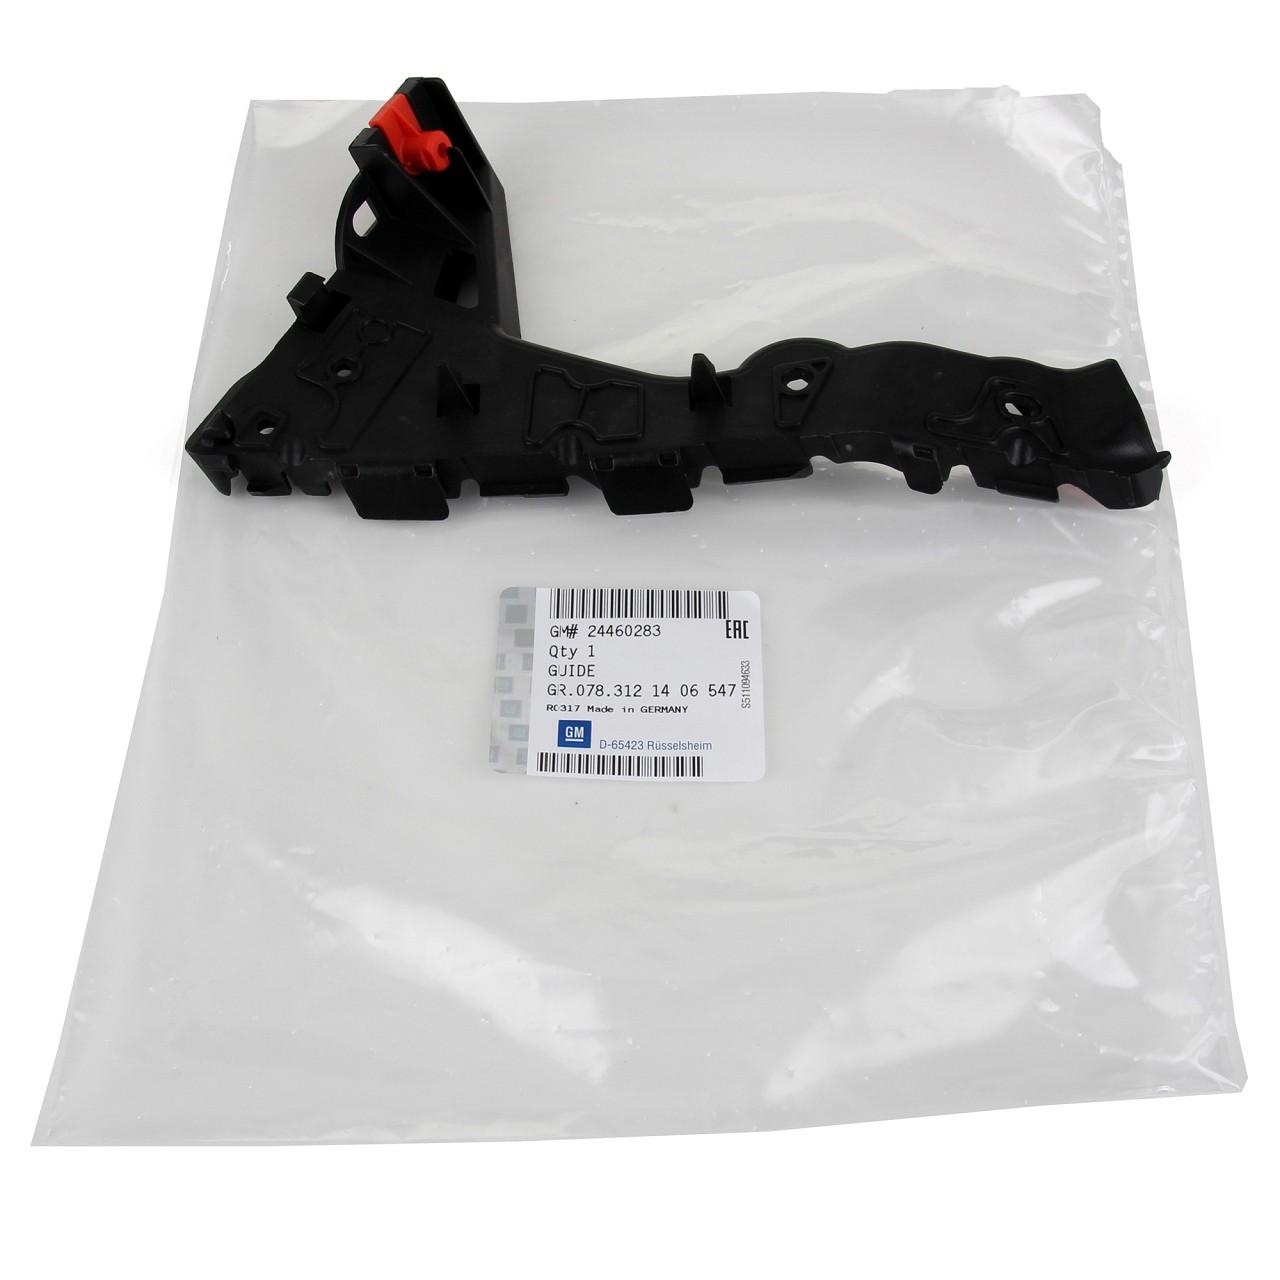 ORIGINAL Opel Führungsschiene Stoßstangenhalter ASTRA H links 24460283